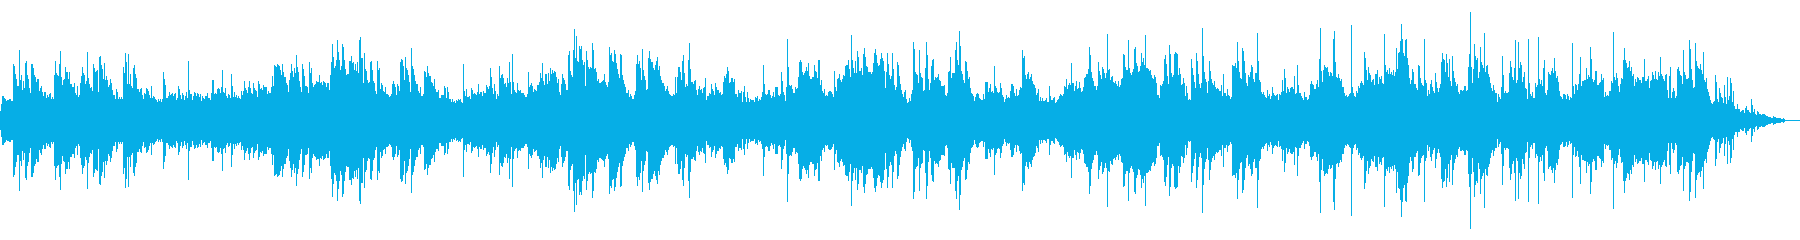 高品質 ミニマル アンビエント ピアノ付の再生済みの波形